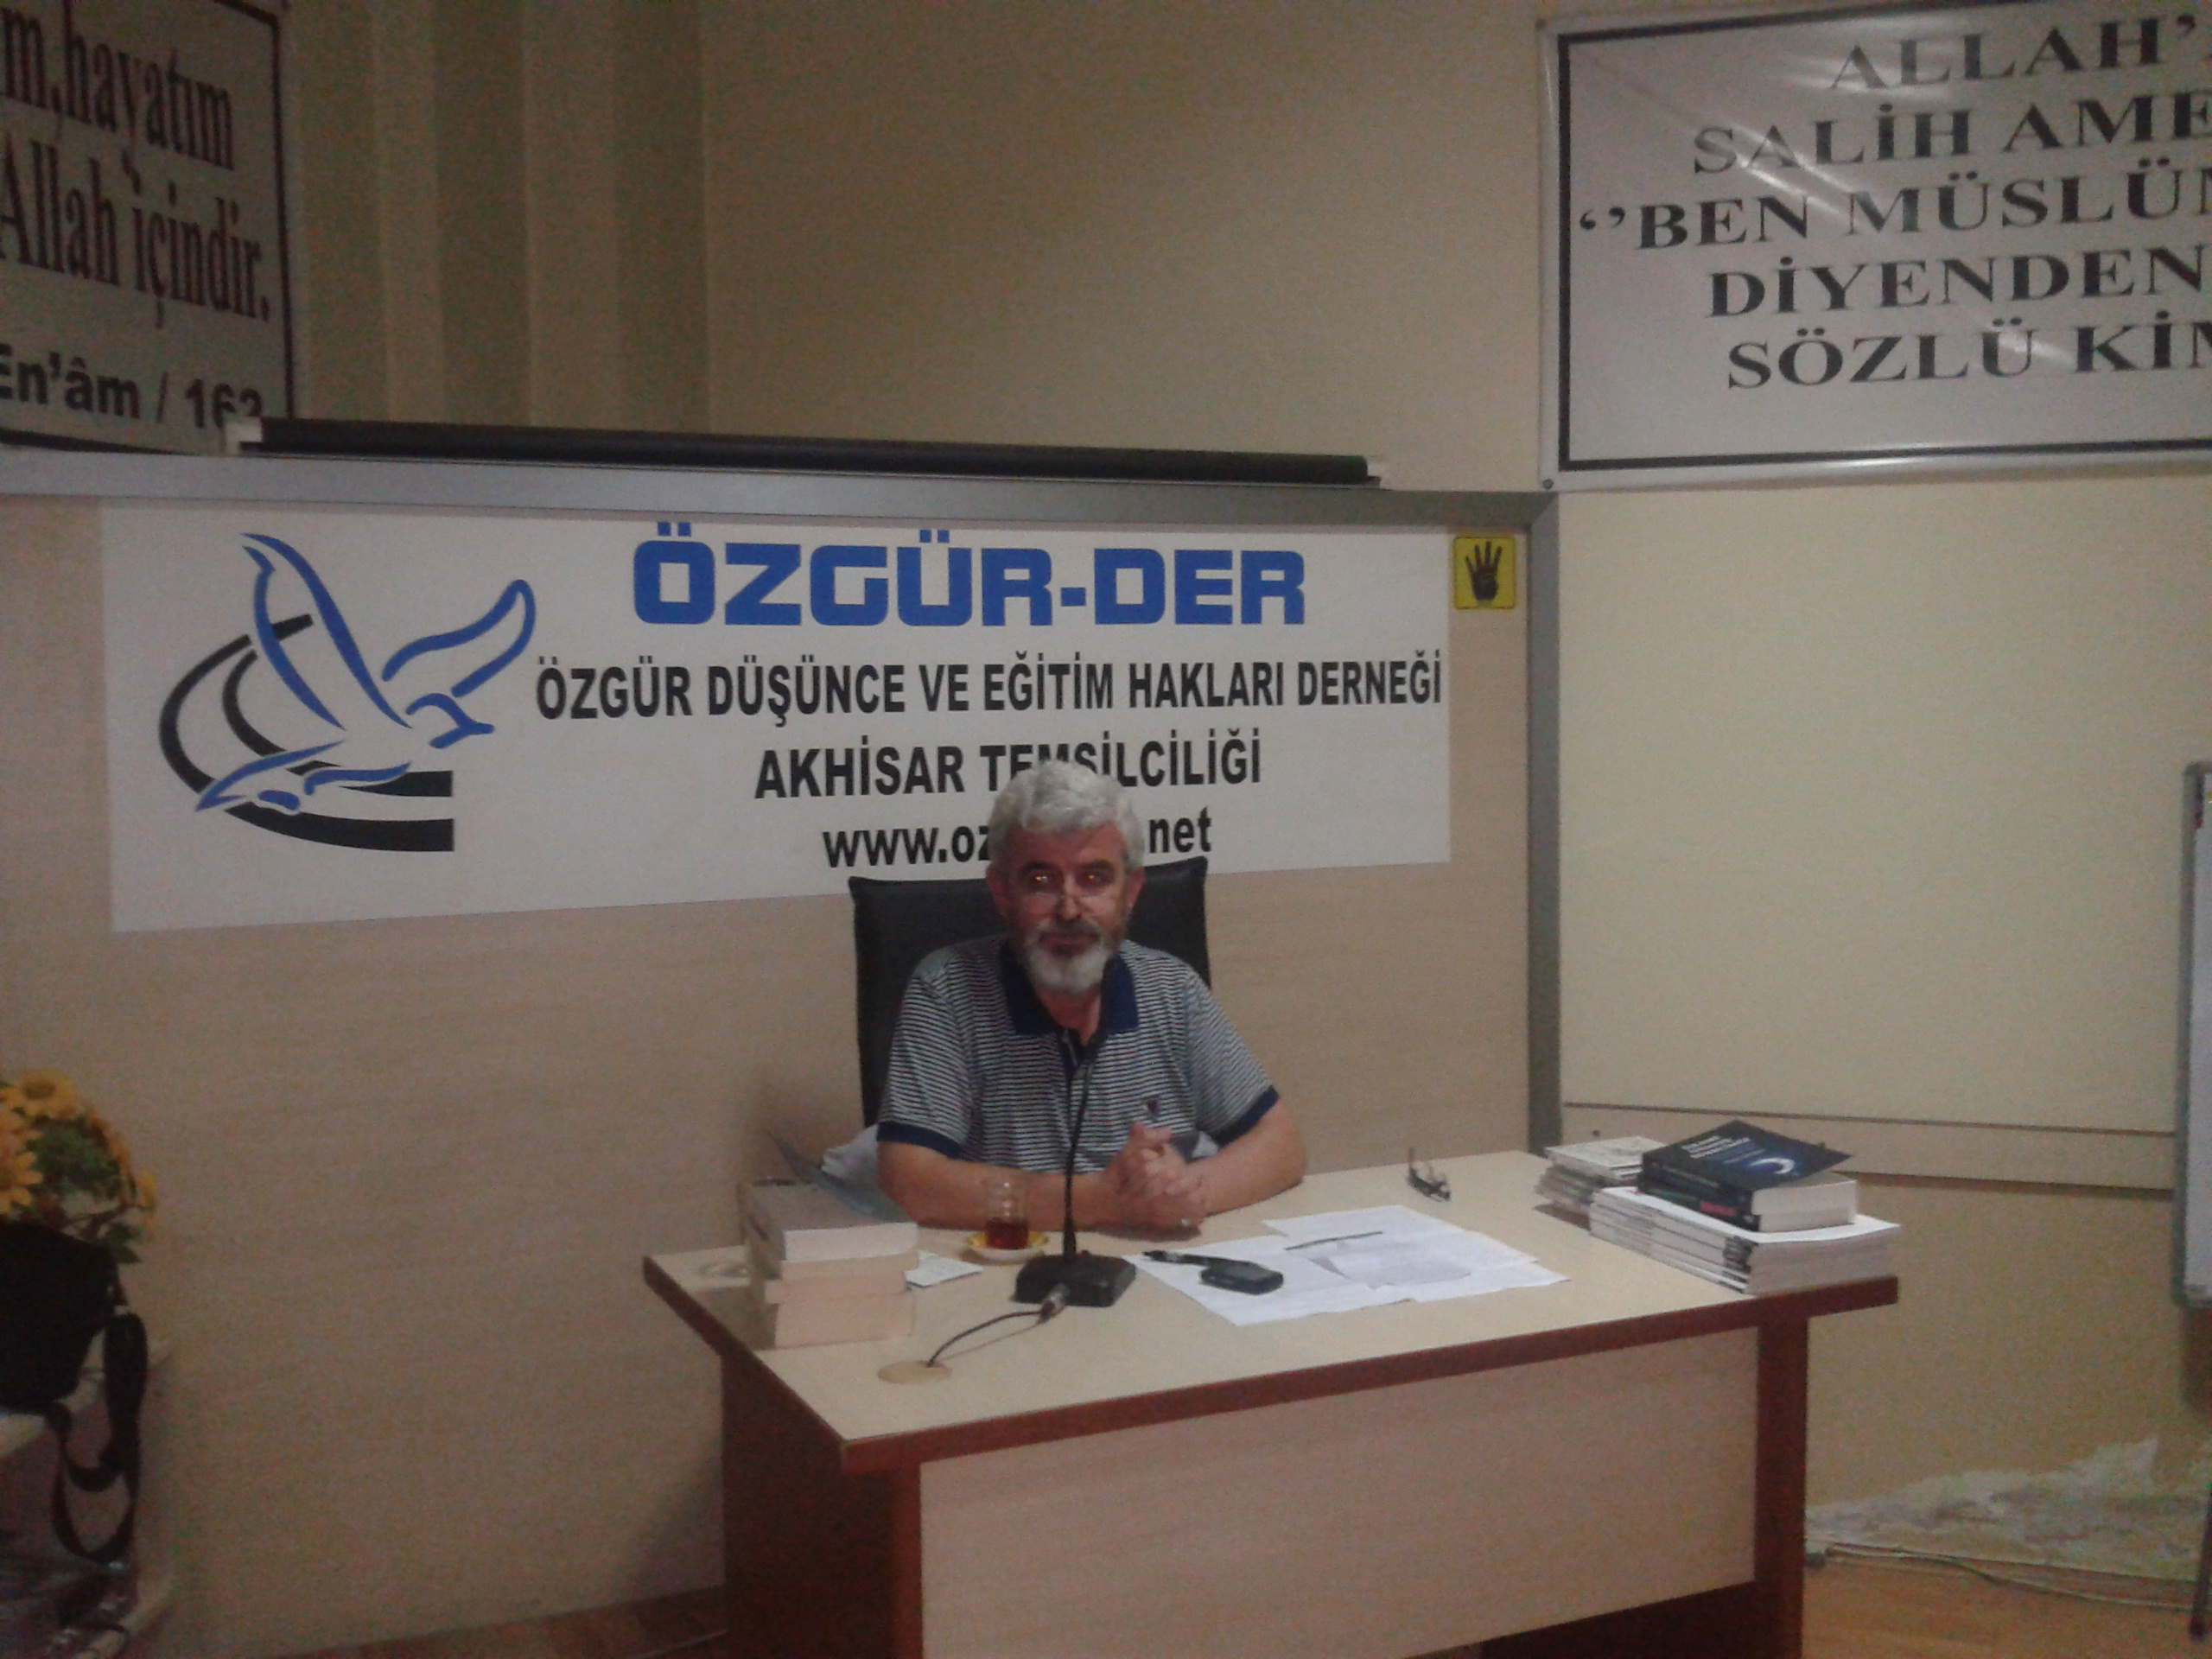 akhisar_ozgur_der_islamcilik_tecrubemiz_ali_soylu-(2).jpg